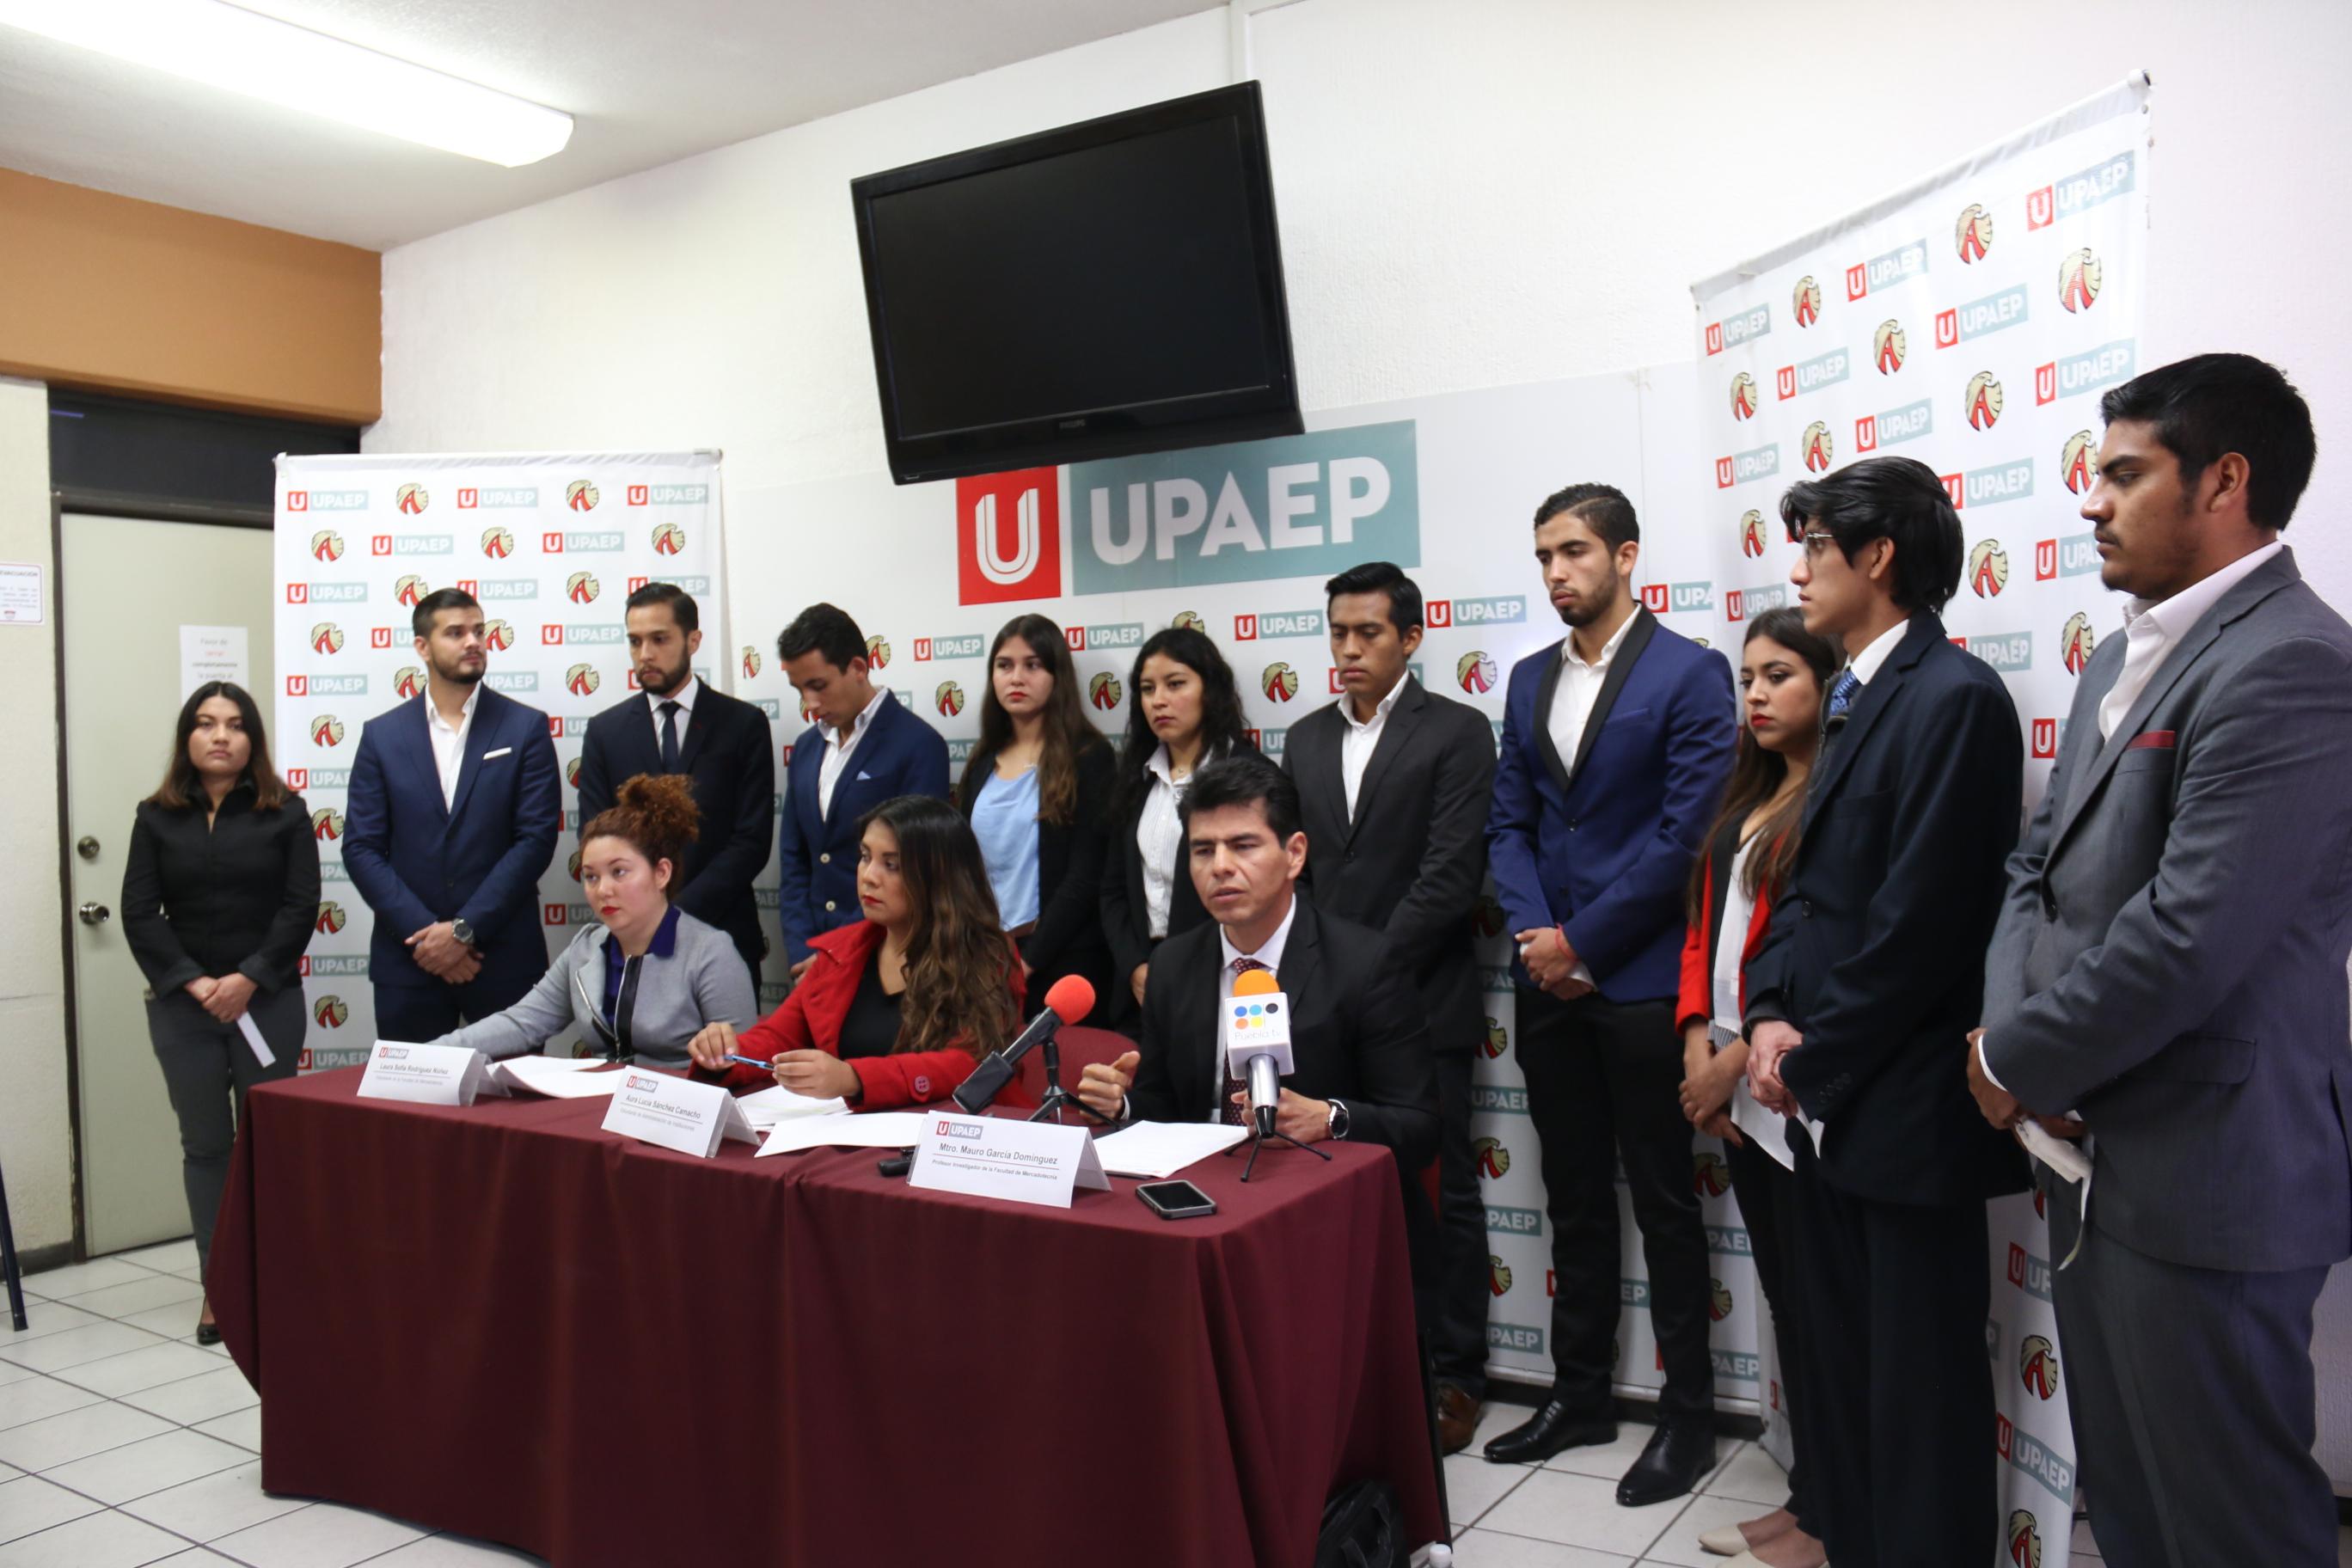 Los millennials son indiferentes ante la política mexicana: UPAEP